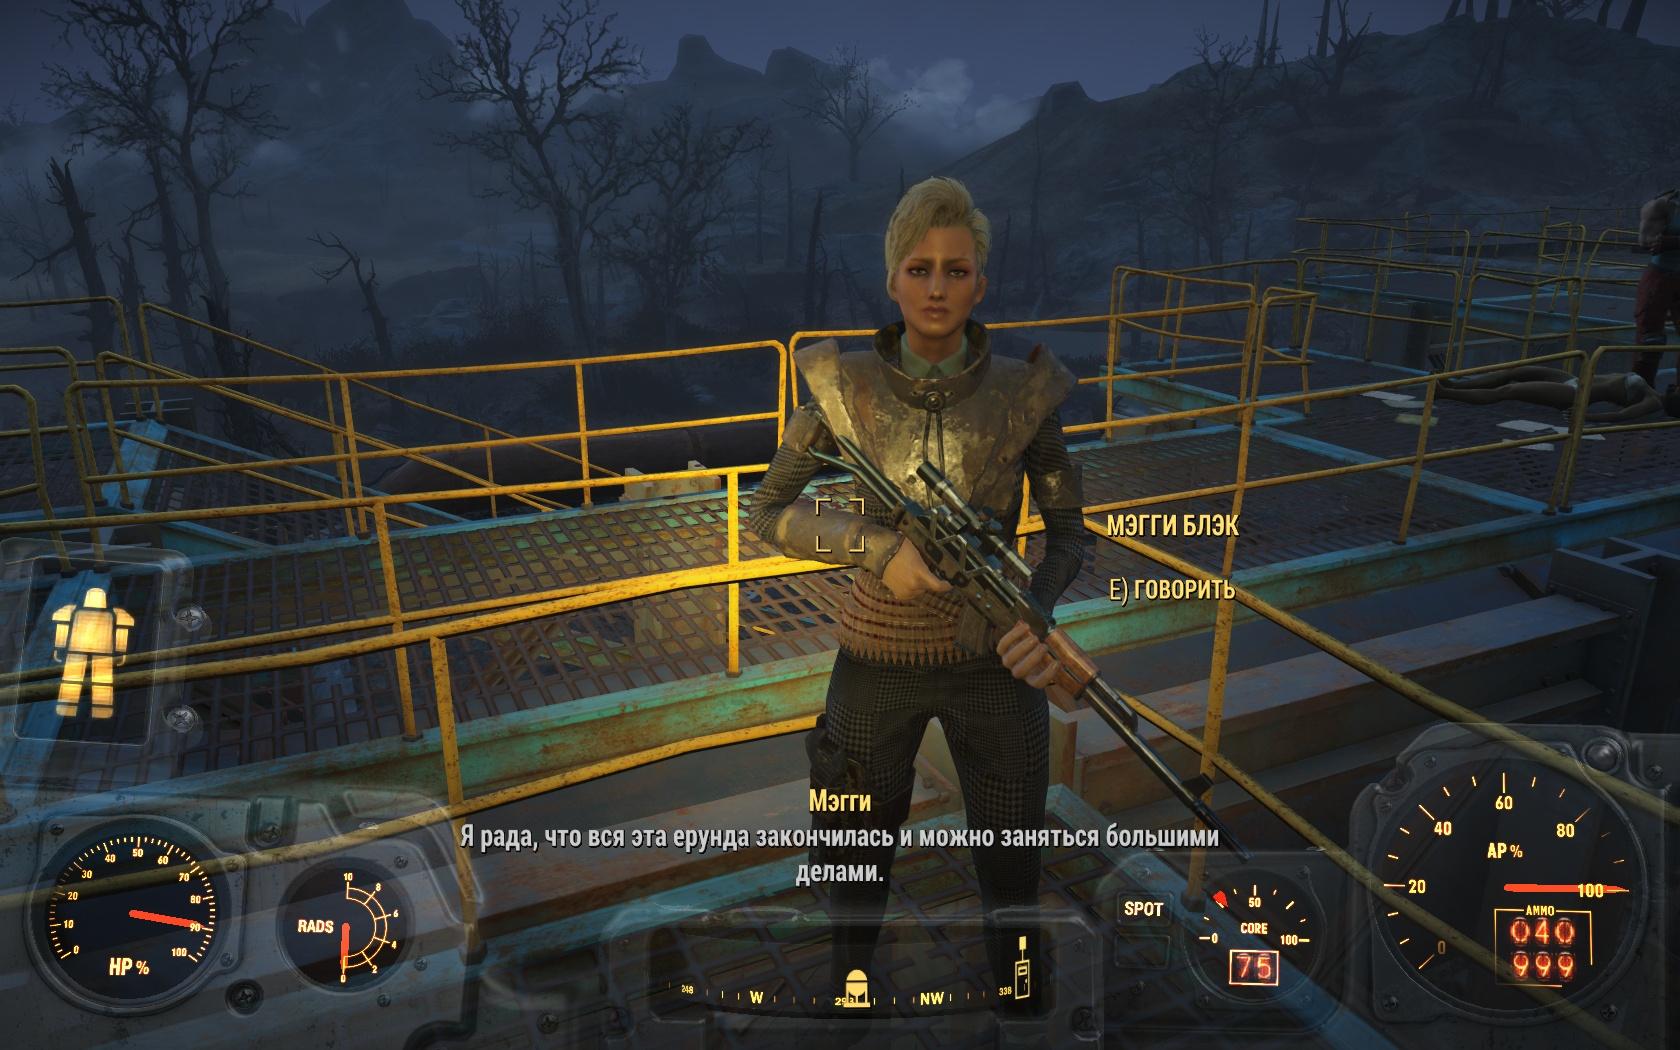 Мэгги Блэк о восстановлении электроснабжения парка (Ядер-Мир, Электростанция Ядер-Мира) - Fallout 4 Nuka World, Блэк, Мэгги, Мэгги Блэк, рейдер, Электростанция, Электростанция Ядер-Мира, Ядер-Мир